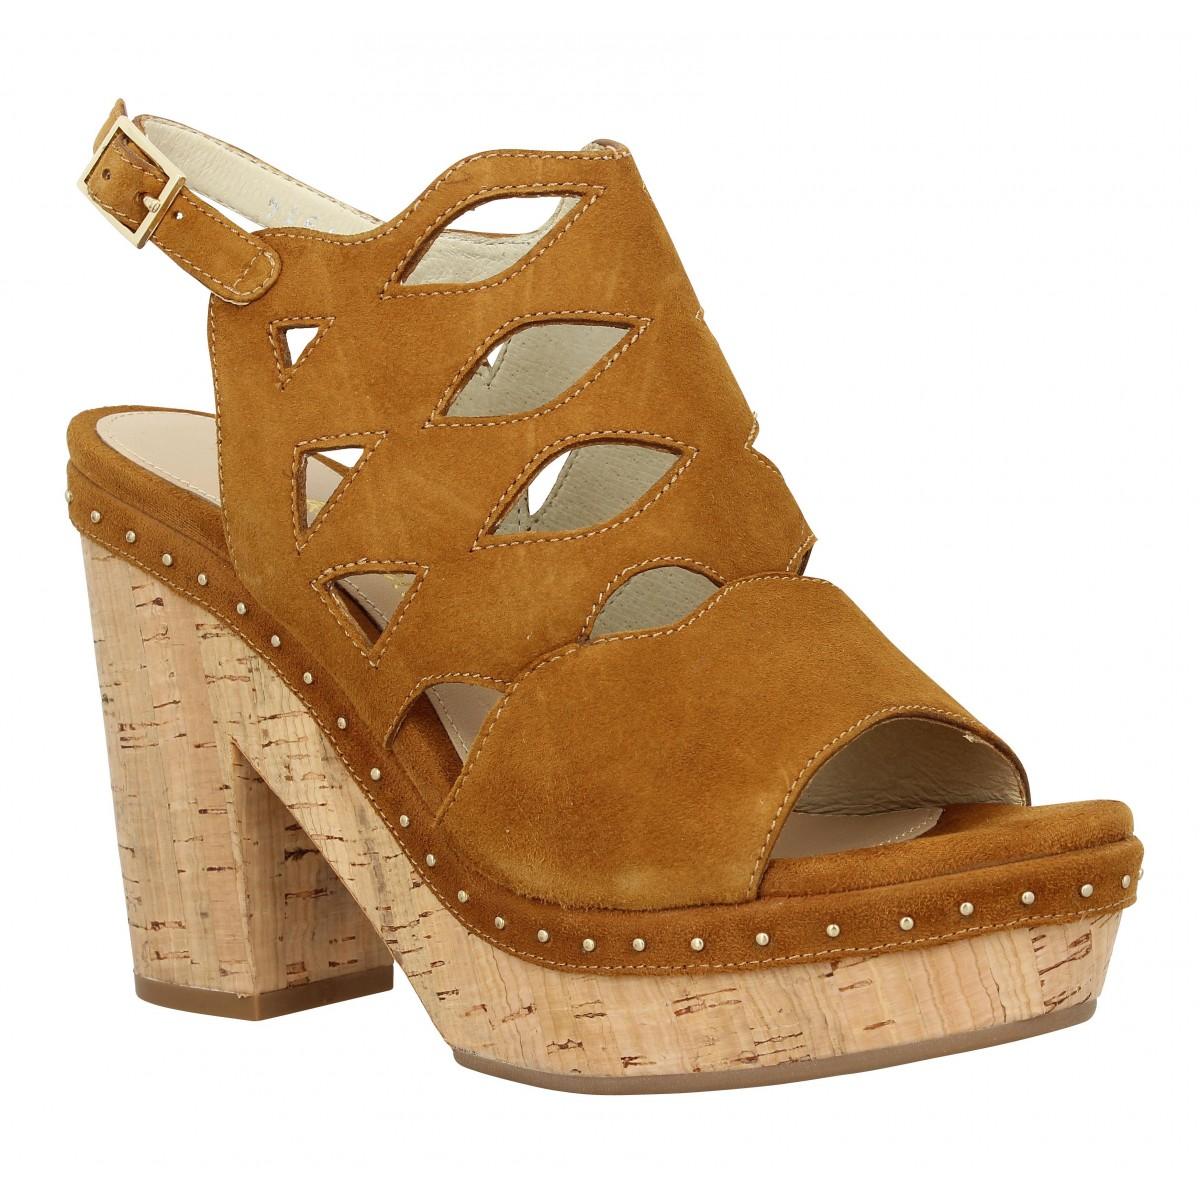 Sandales talons ALTRAOFFICINA J1005 velours Femme Cognac